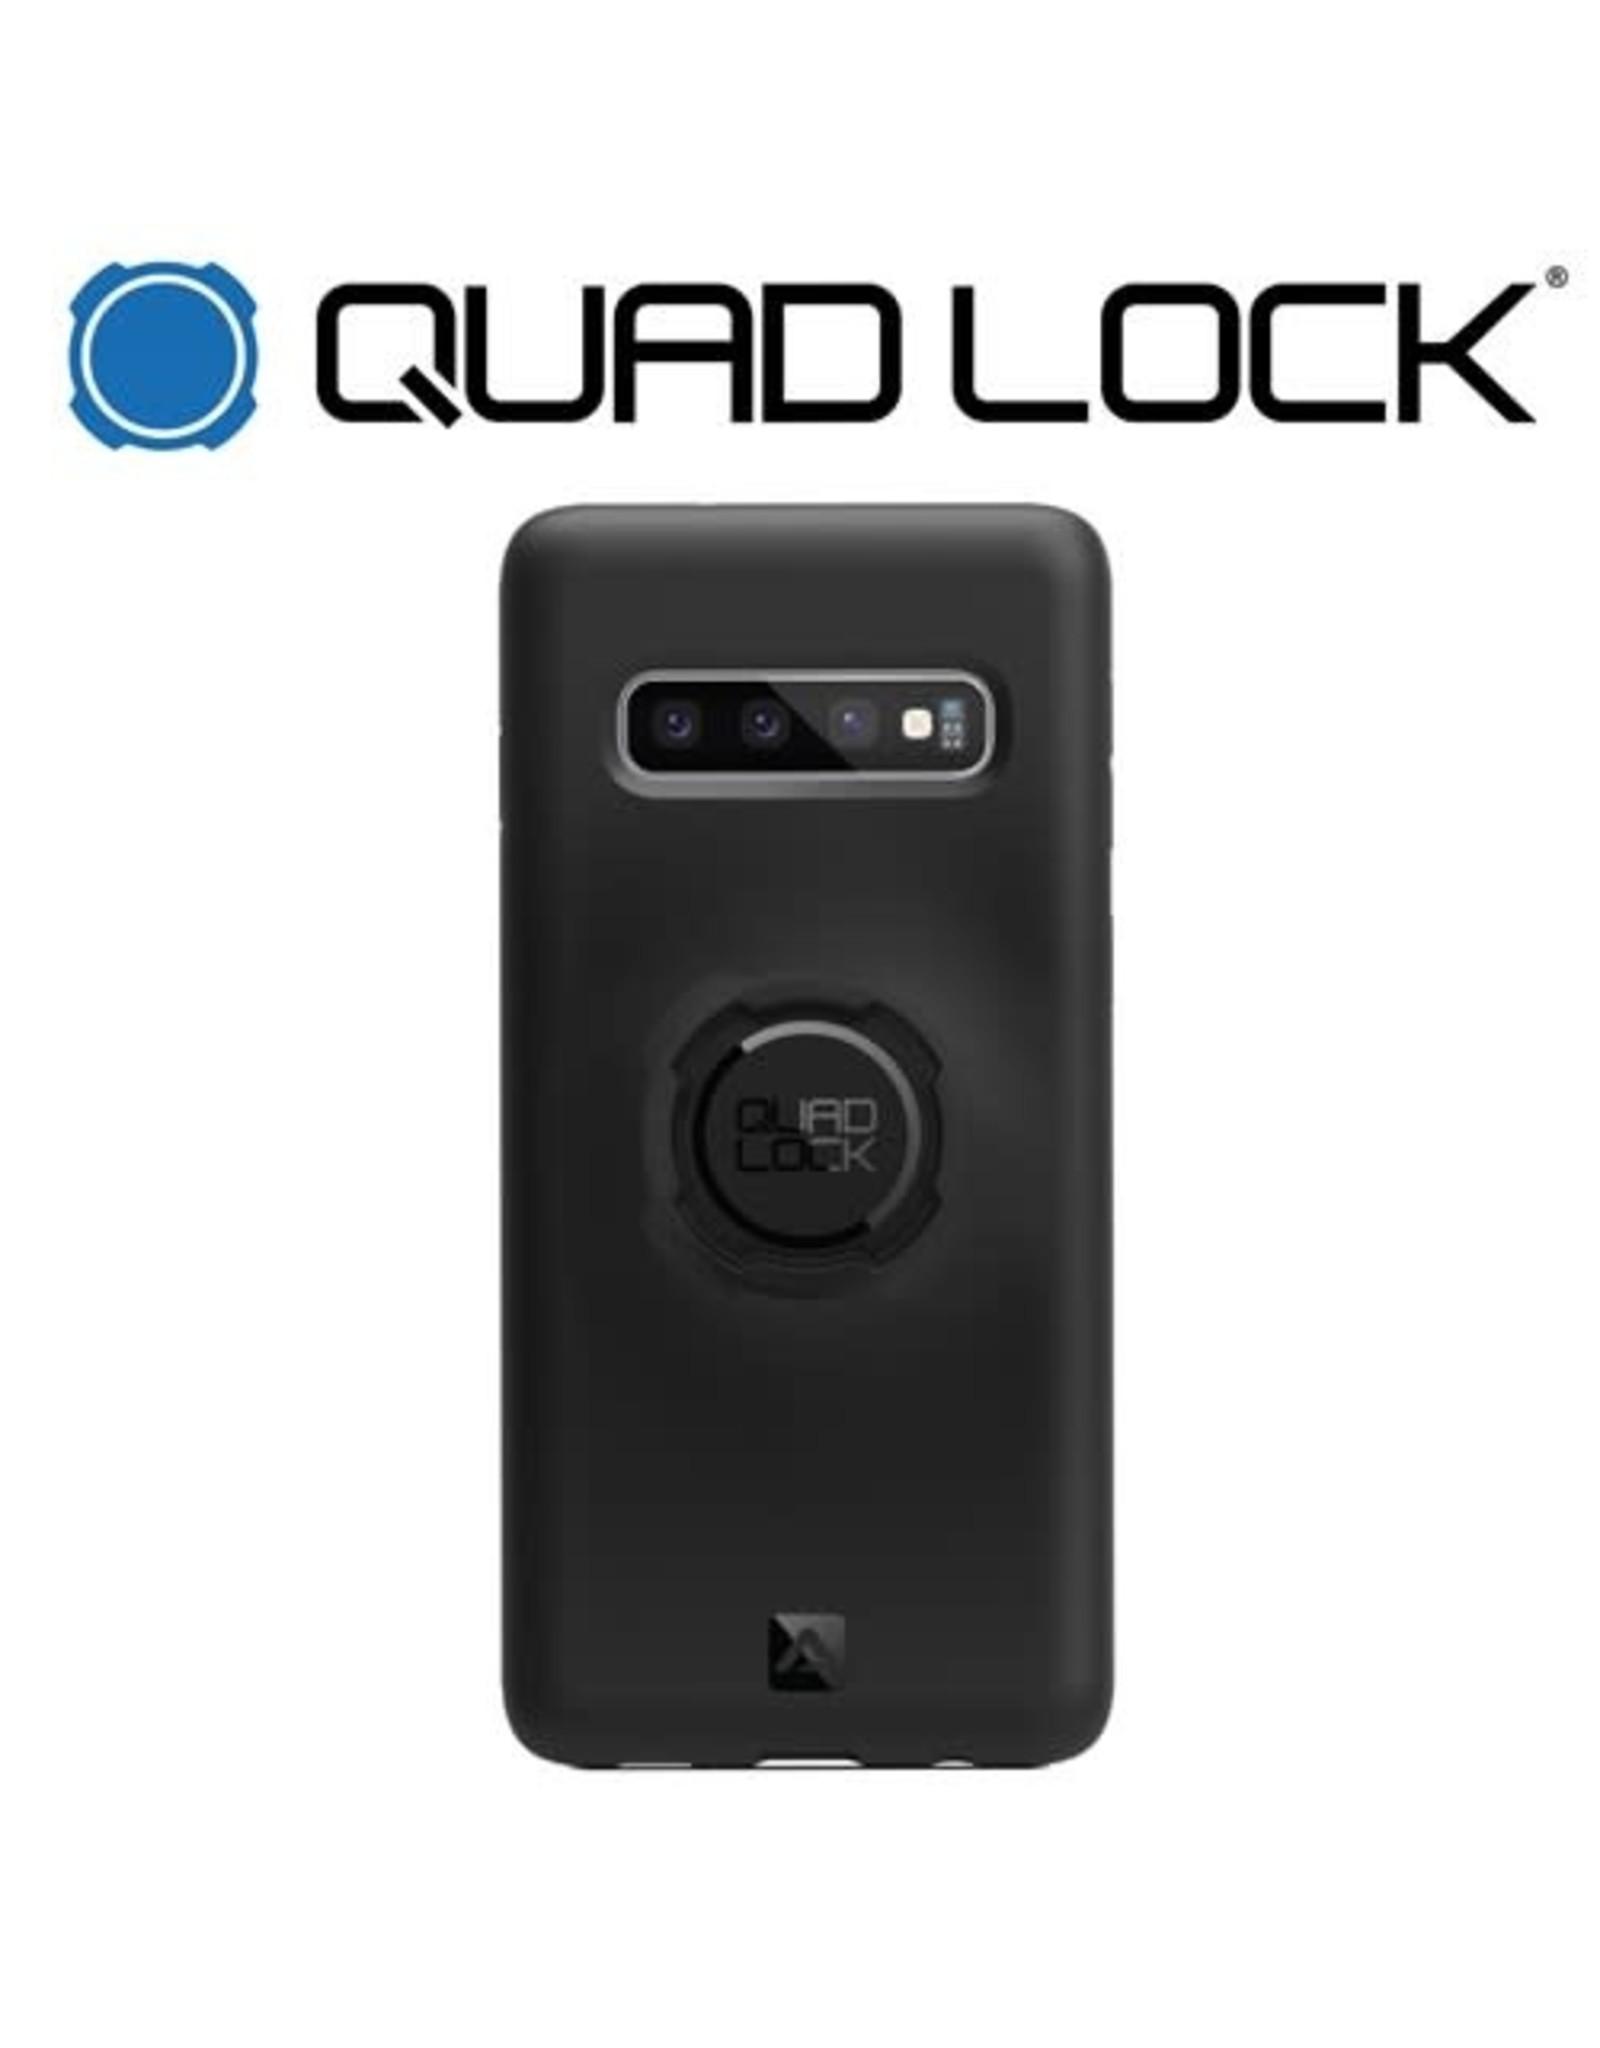 QUAD LOCK QUAD LOCK FOR GALAXY S10 PHONE CASE